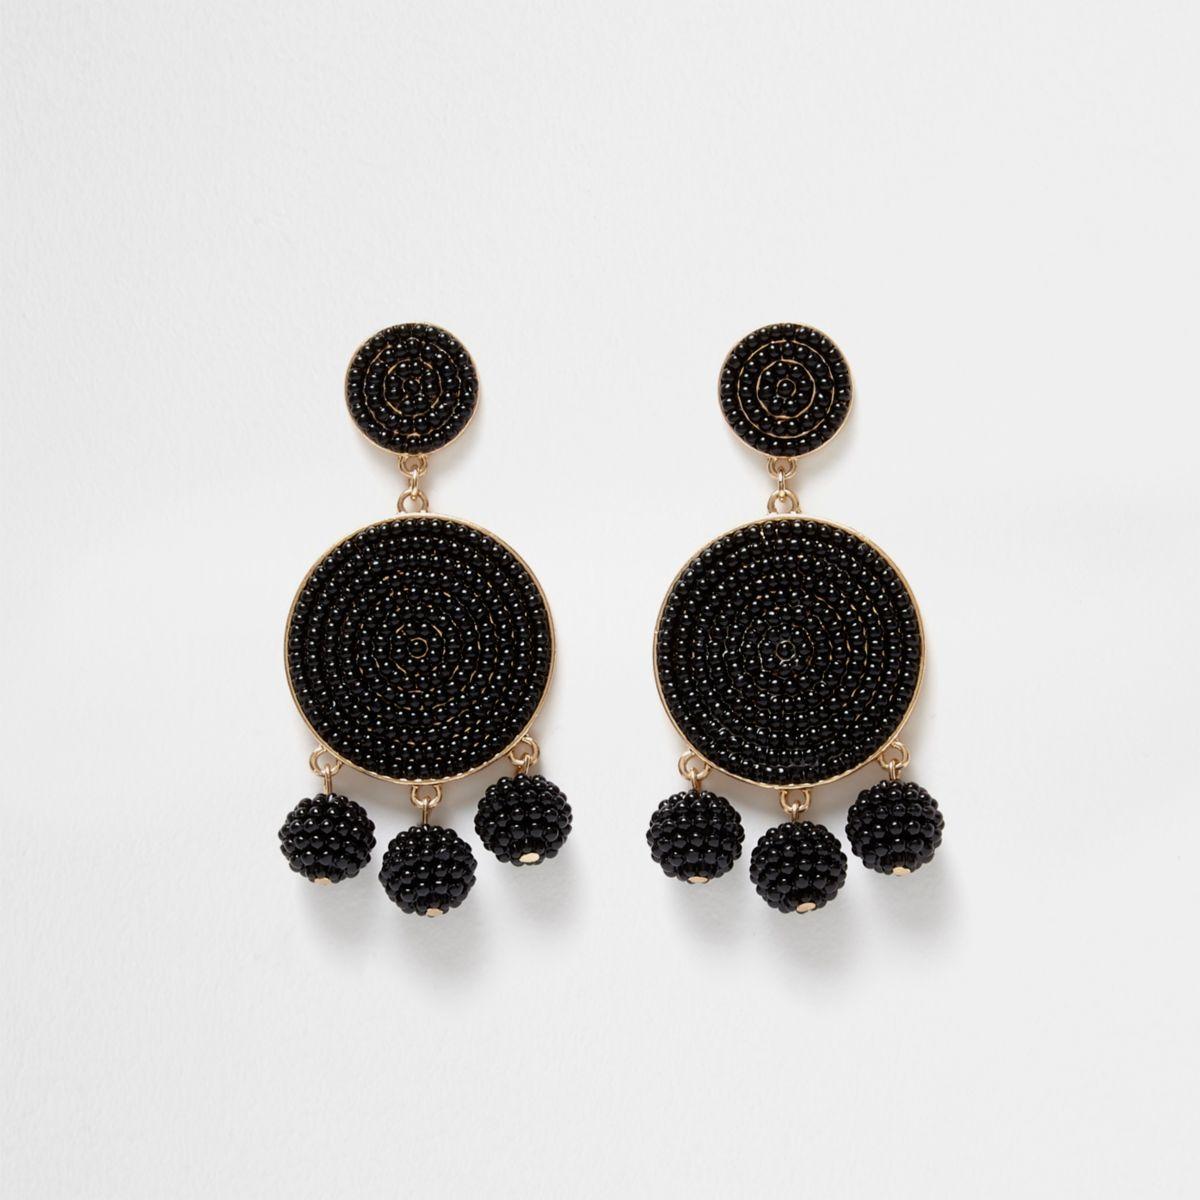 Zwarte oorhangers met drie ballen en kralen